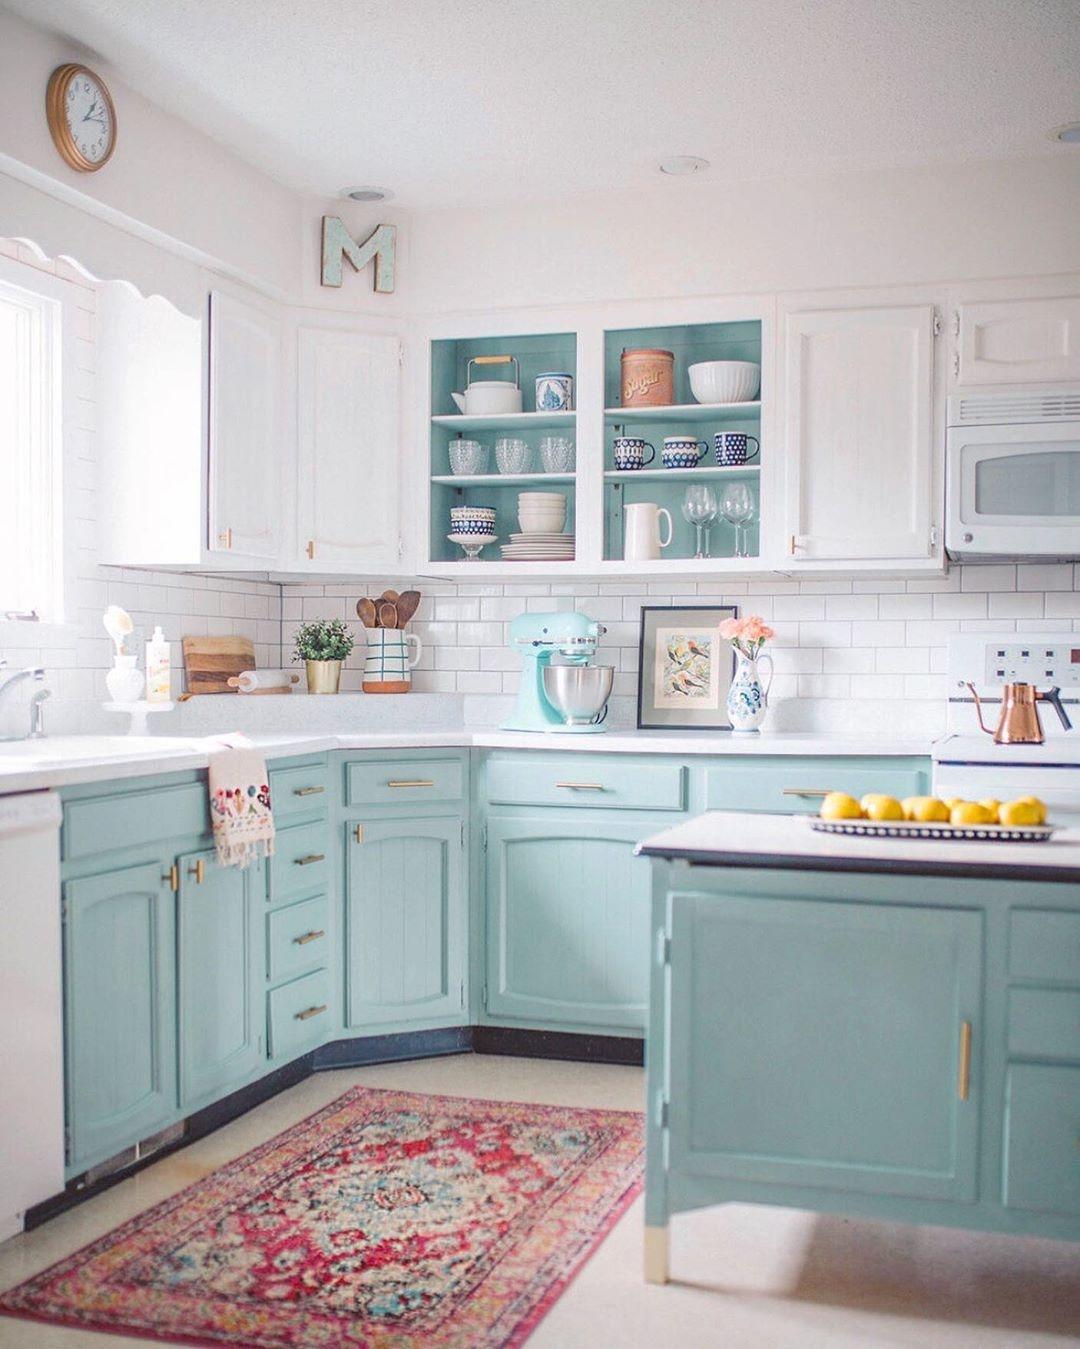 Với những căn bếp có gam màu trắng làm chủ đạo, bạn thử lựa chọn sơn tủ màu xanh bạc hà, gam màu như mang cả không khí tươi mát vào nhà của bạn